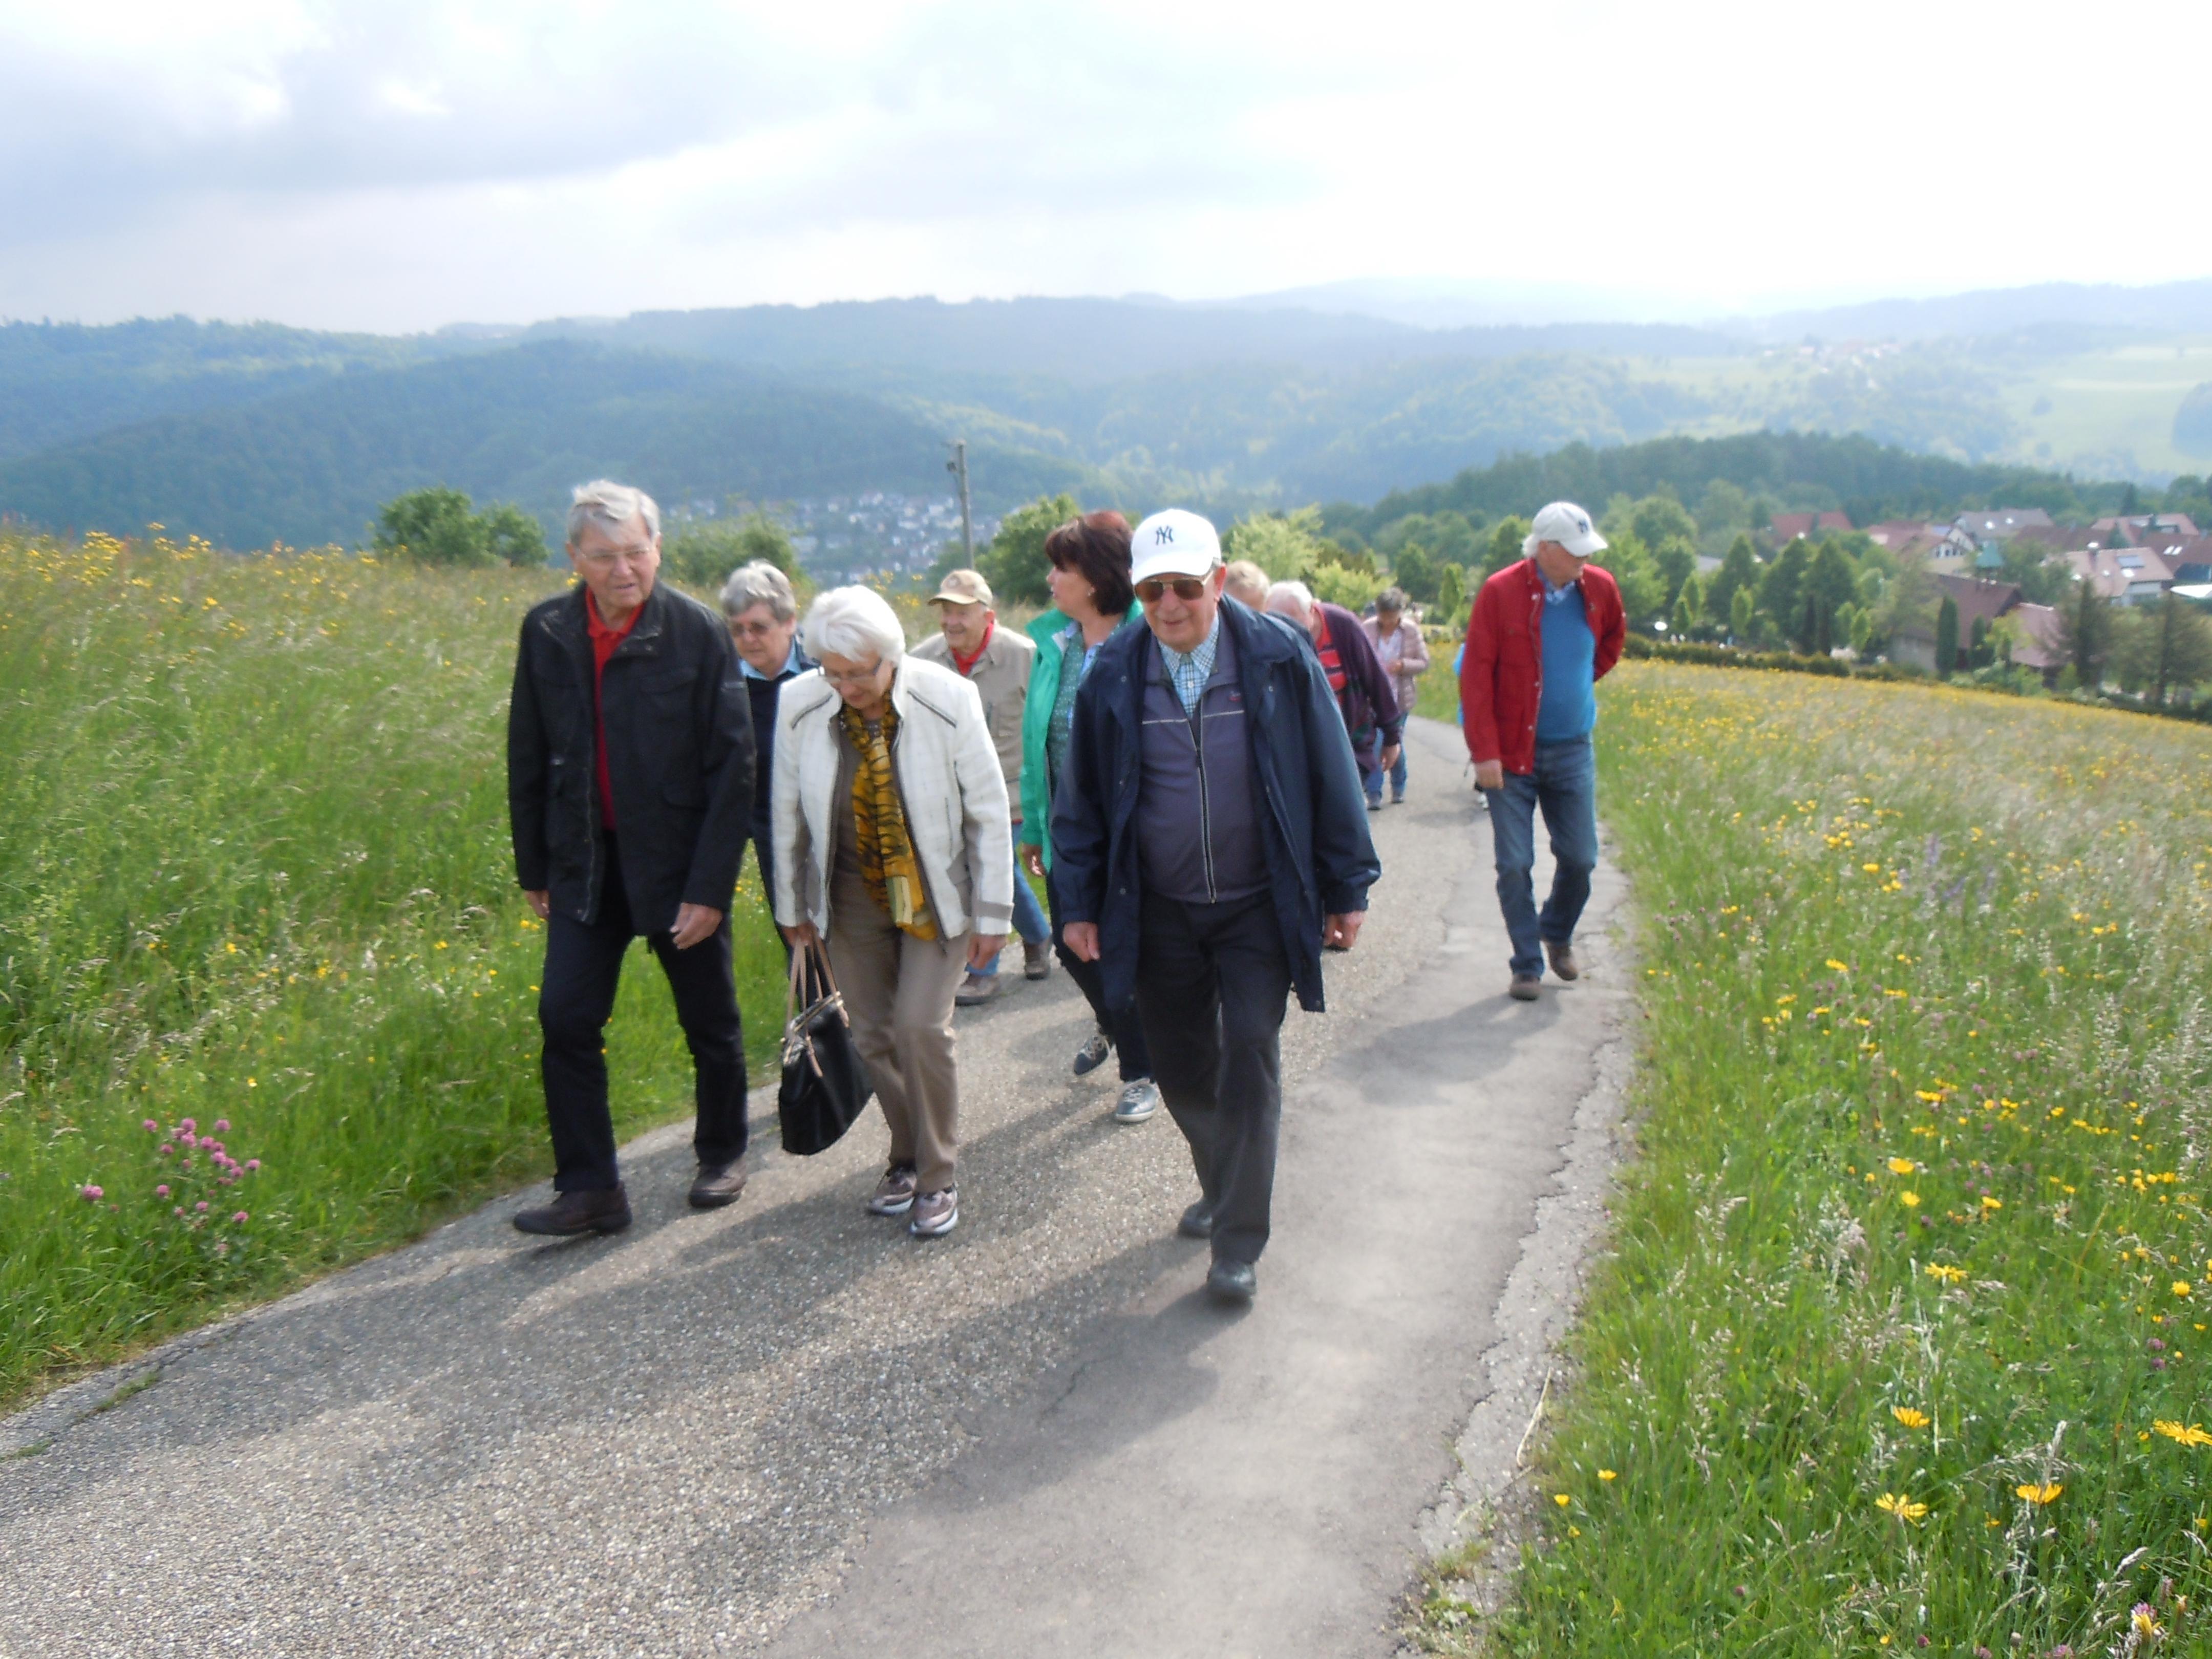 Ausflug Liederkranz Schlaitdorf nach Reisach 17.05.15 003